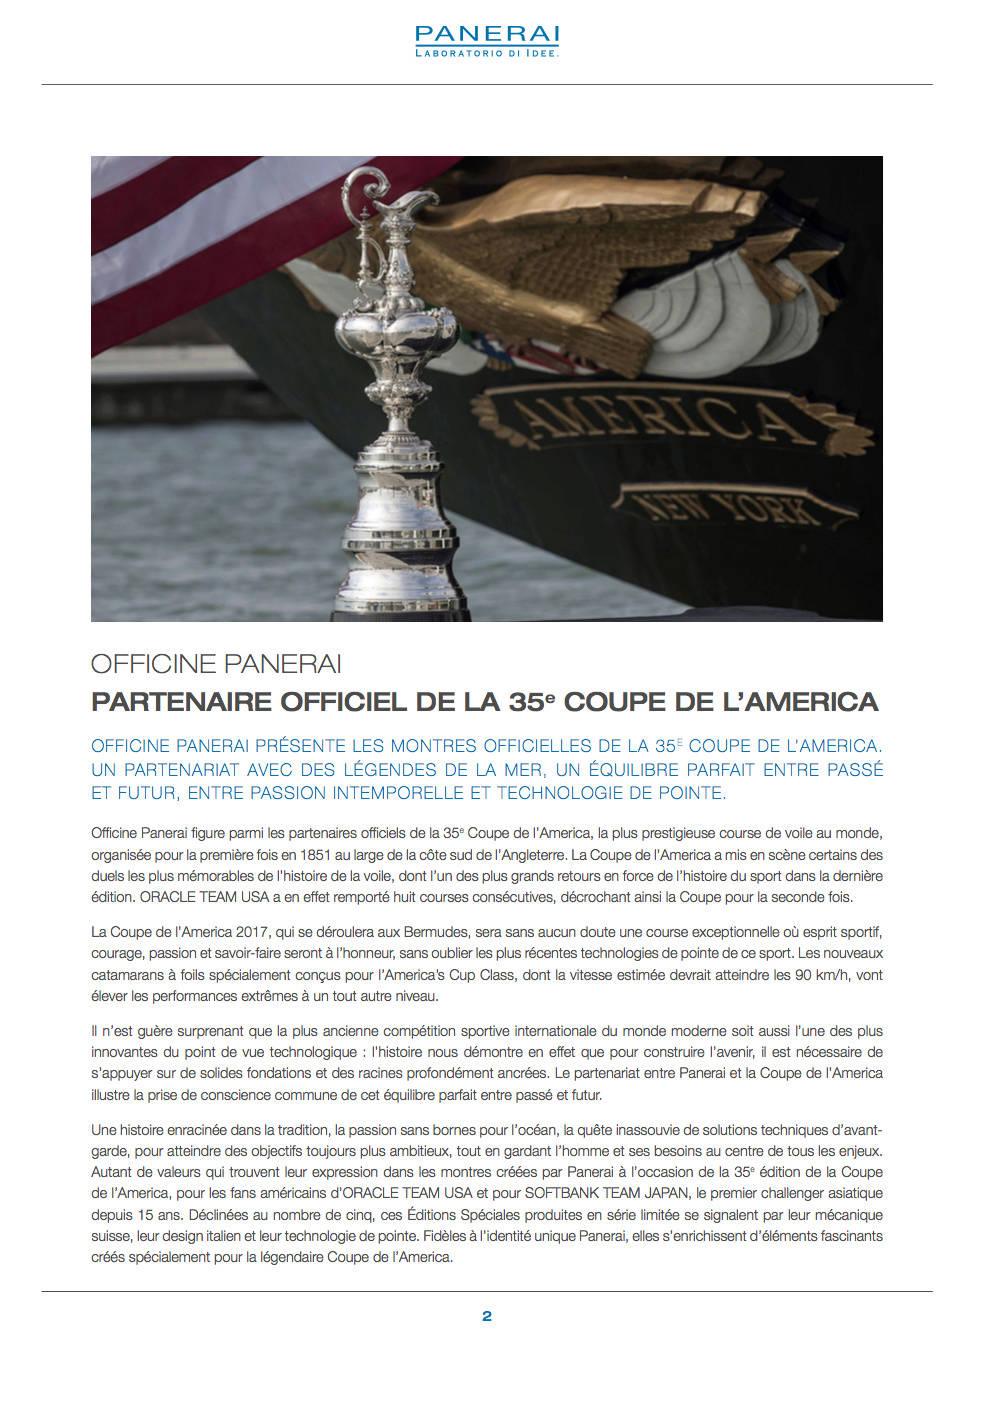 Communiqué de Presse SIHH2017 : Gamme Luminor AMERICA'S CUP - PAM00724-PAM00725-PAM00726-PAM00727-PAM00732 Captur65